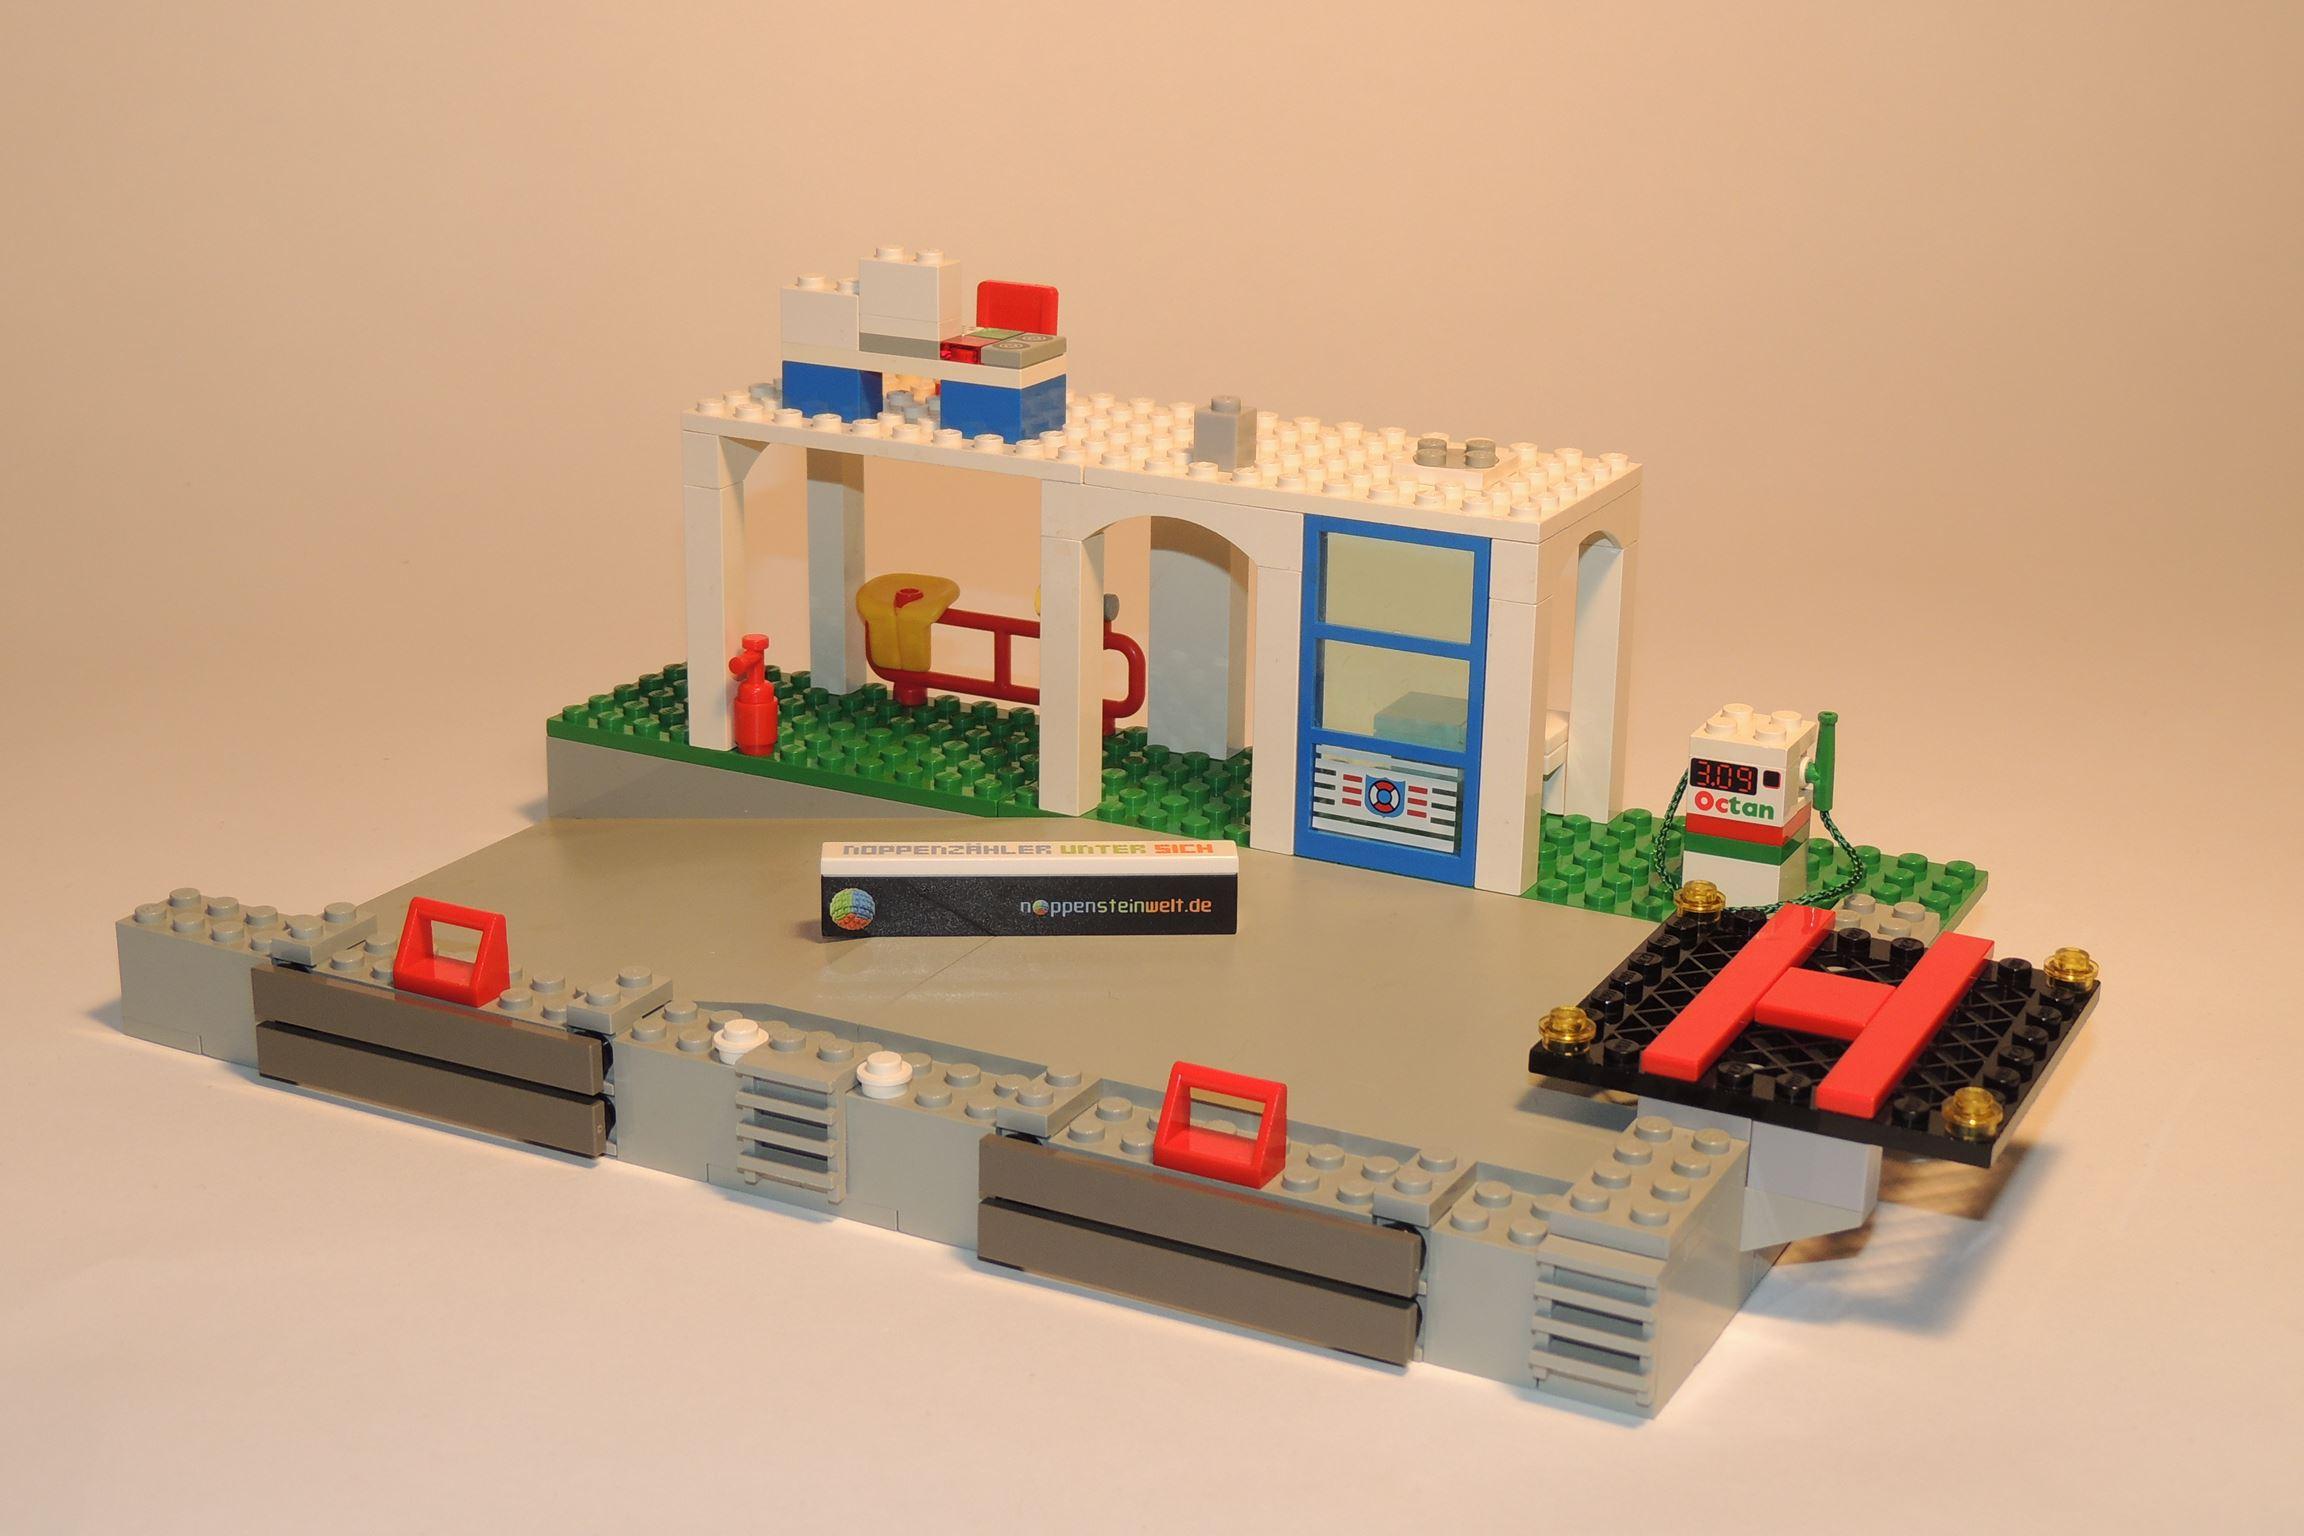 Der rote Feuerlöscher ist komplett von Gobricks, der graue 1×1 Brick von Steinchenexpress. Und viel mehr.